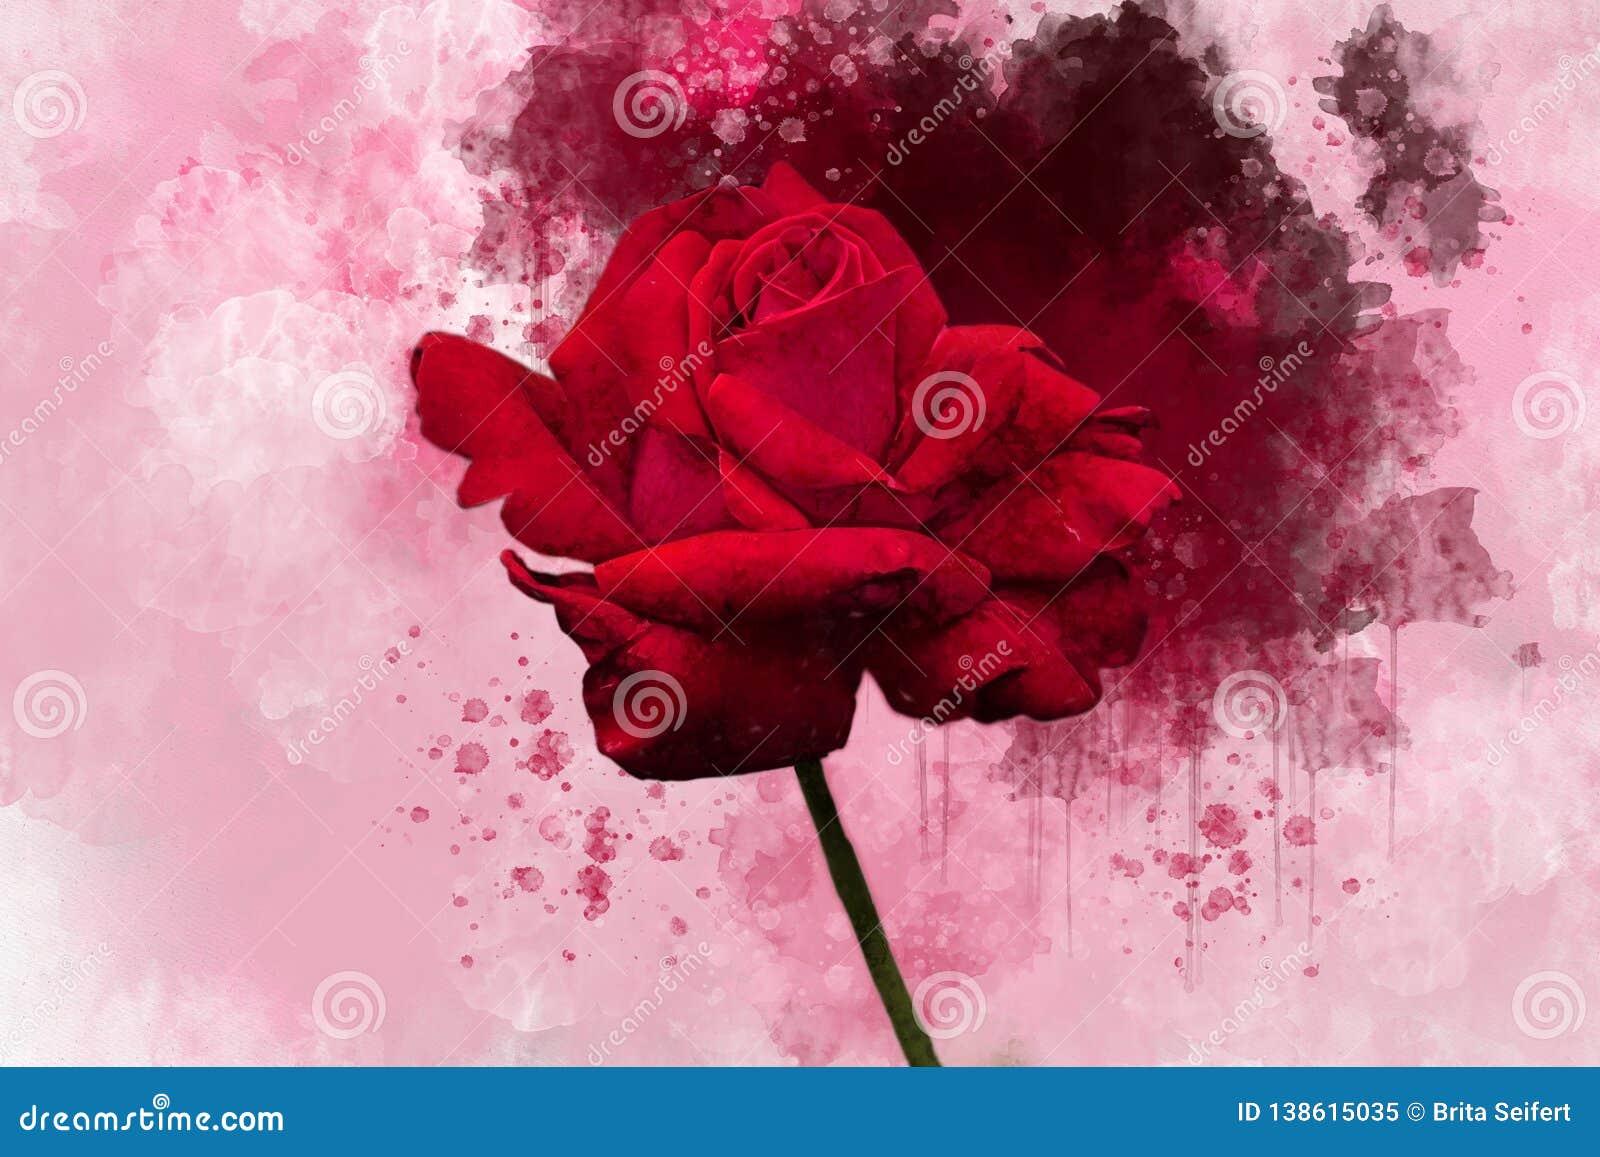 一朵充满活力的红色玫瑰色花的水彩图画 多汁植物的板材-离开仙人掌、仙人掌和柱仙人掌仙人掌 一个贺卡或婚姻的邀请的装饰元素